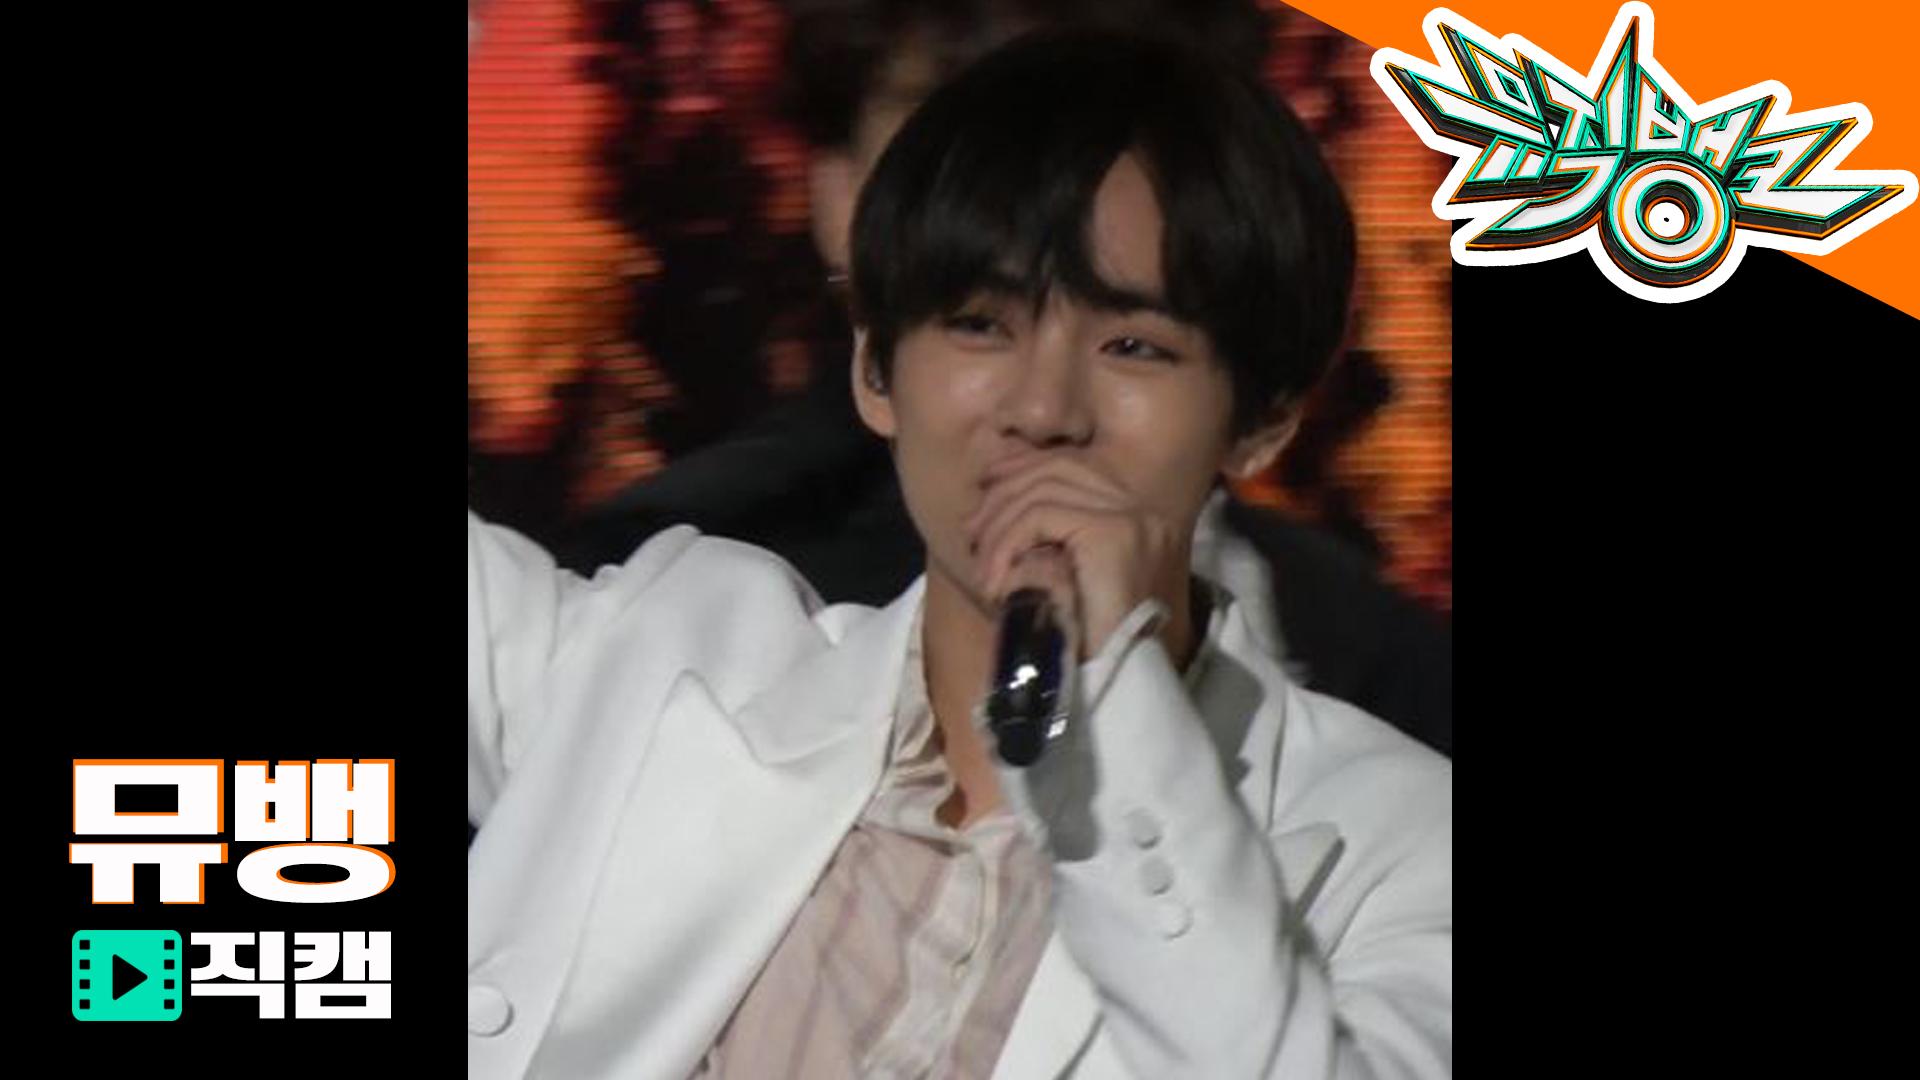 [뮤직뱅크 직캠 190426] 방탄소년단_뷔 / 작은 것들을 위한 시 [BTS_V / Boy with Luv / Music Bank / Fan Cam ver.]